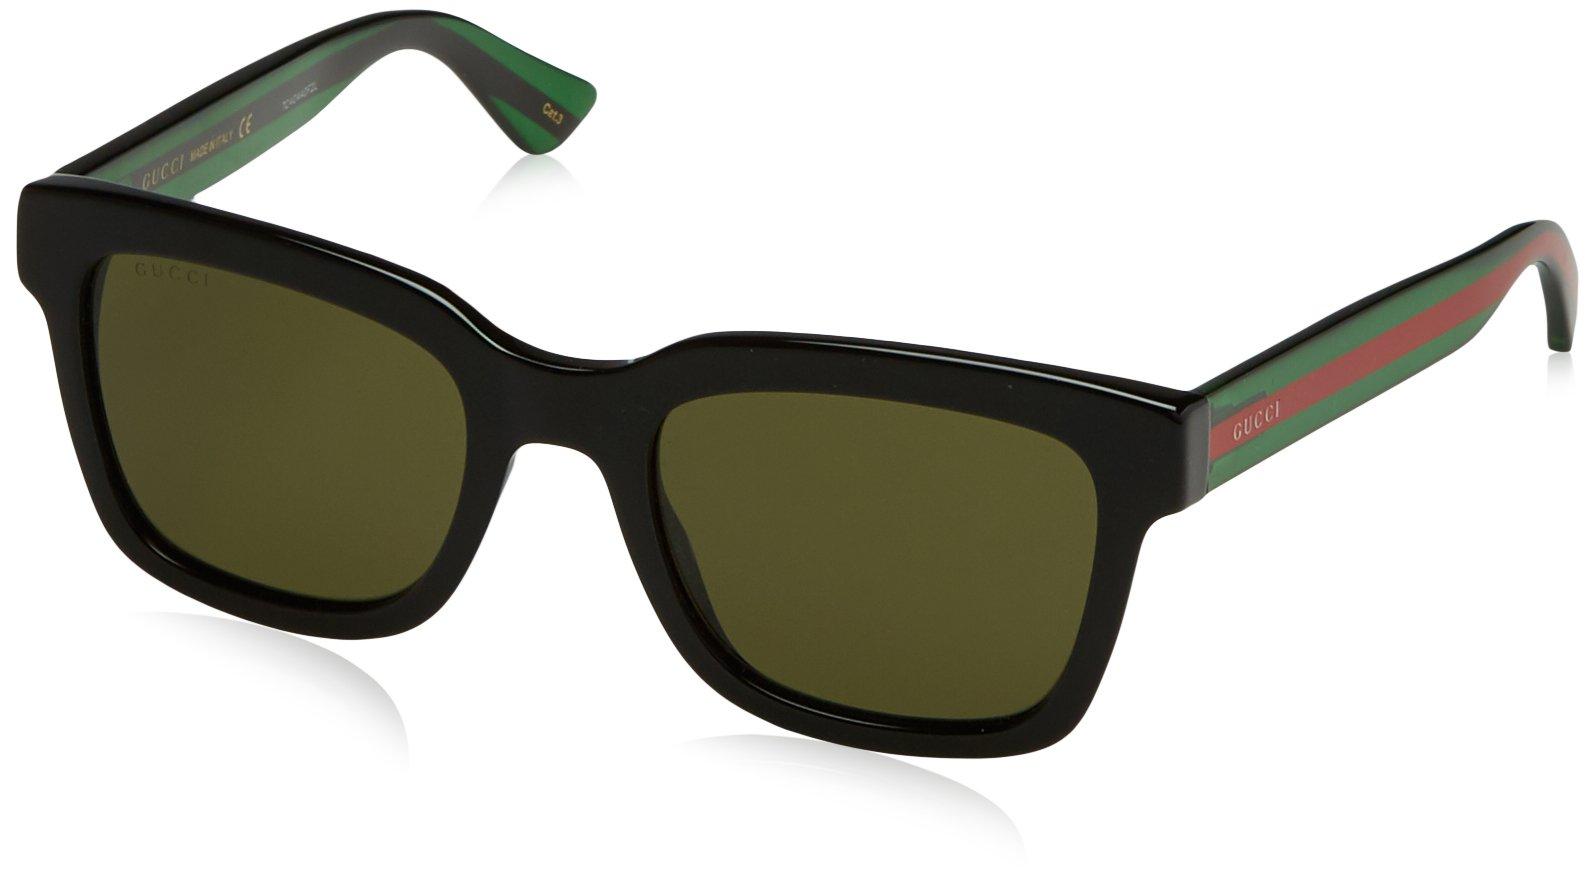 Gucci Fashion Sunglasses, 52/21/145, Black / Green / Green by Gucci